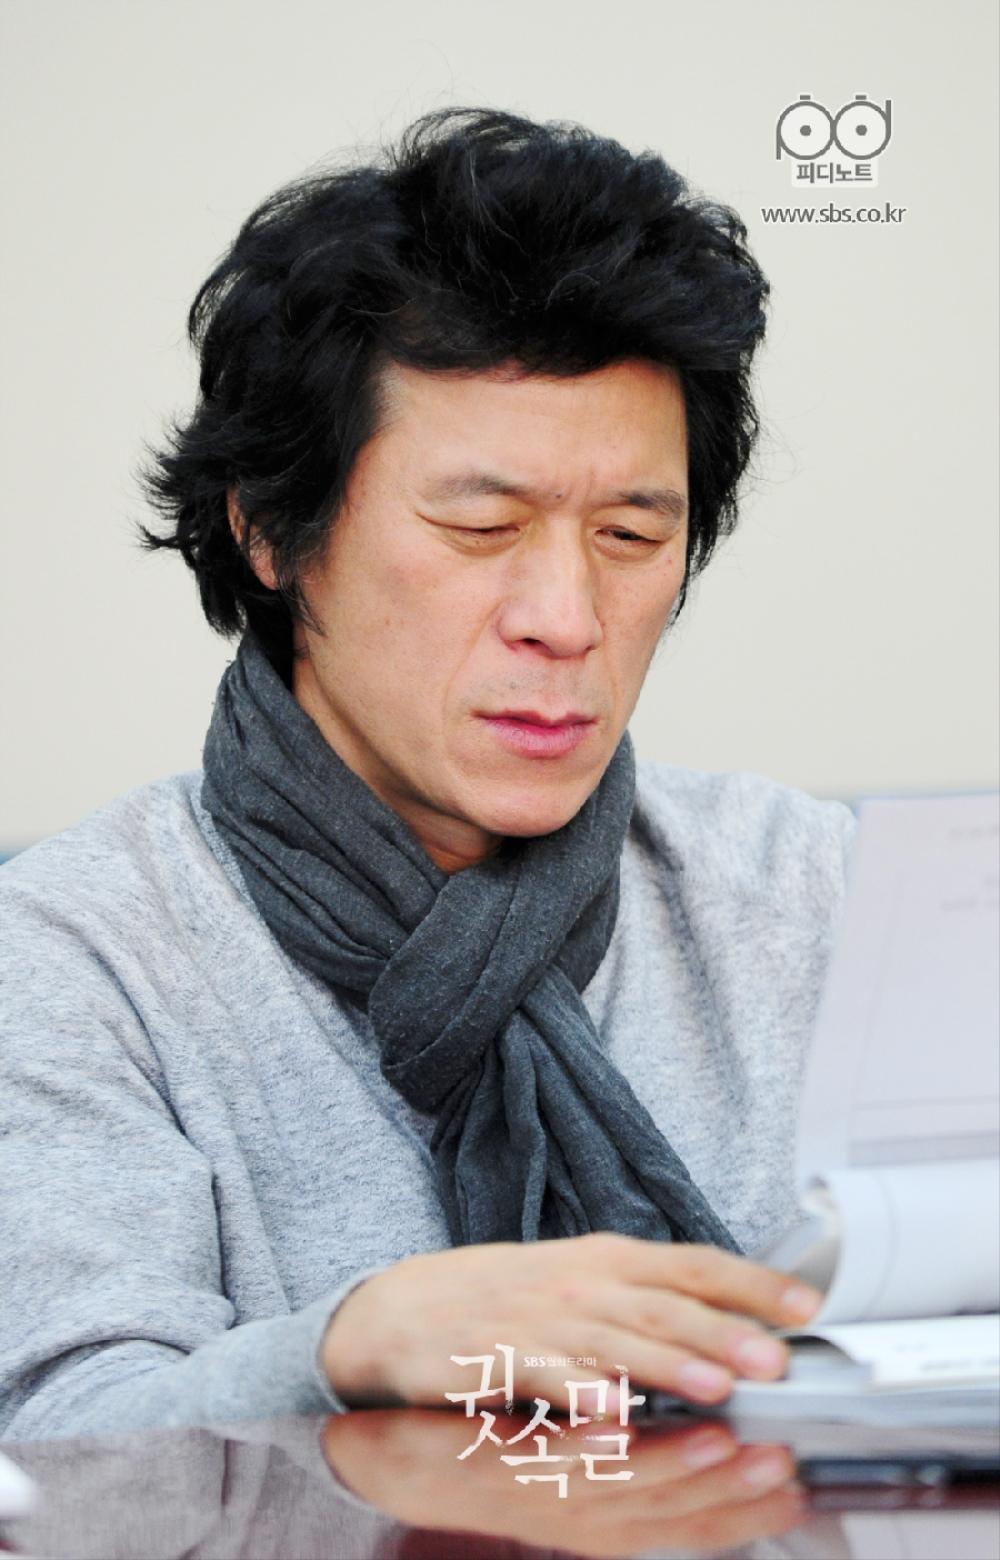 김뢰하 귓속말 대본리딩 현장에서 대본 읽고 있는 사진